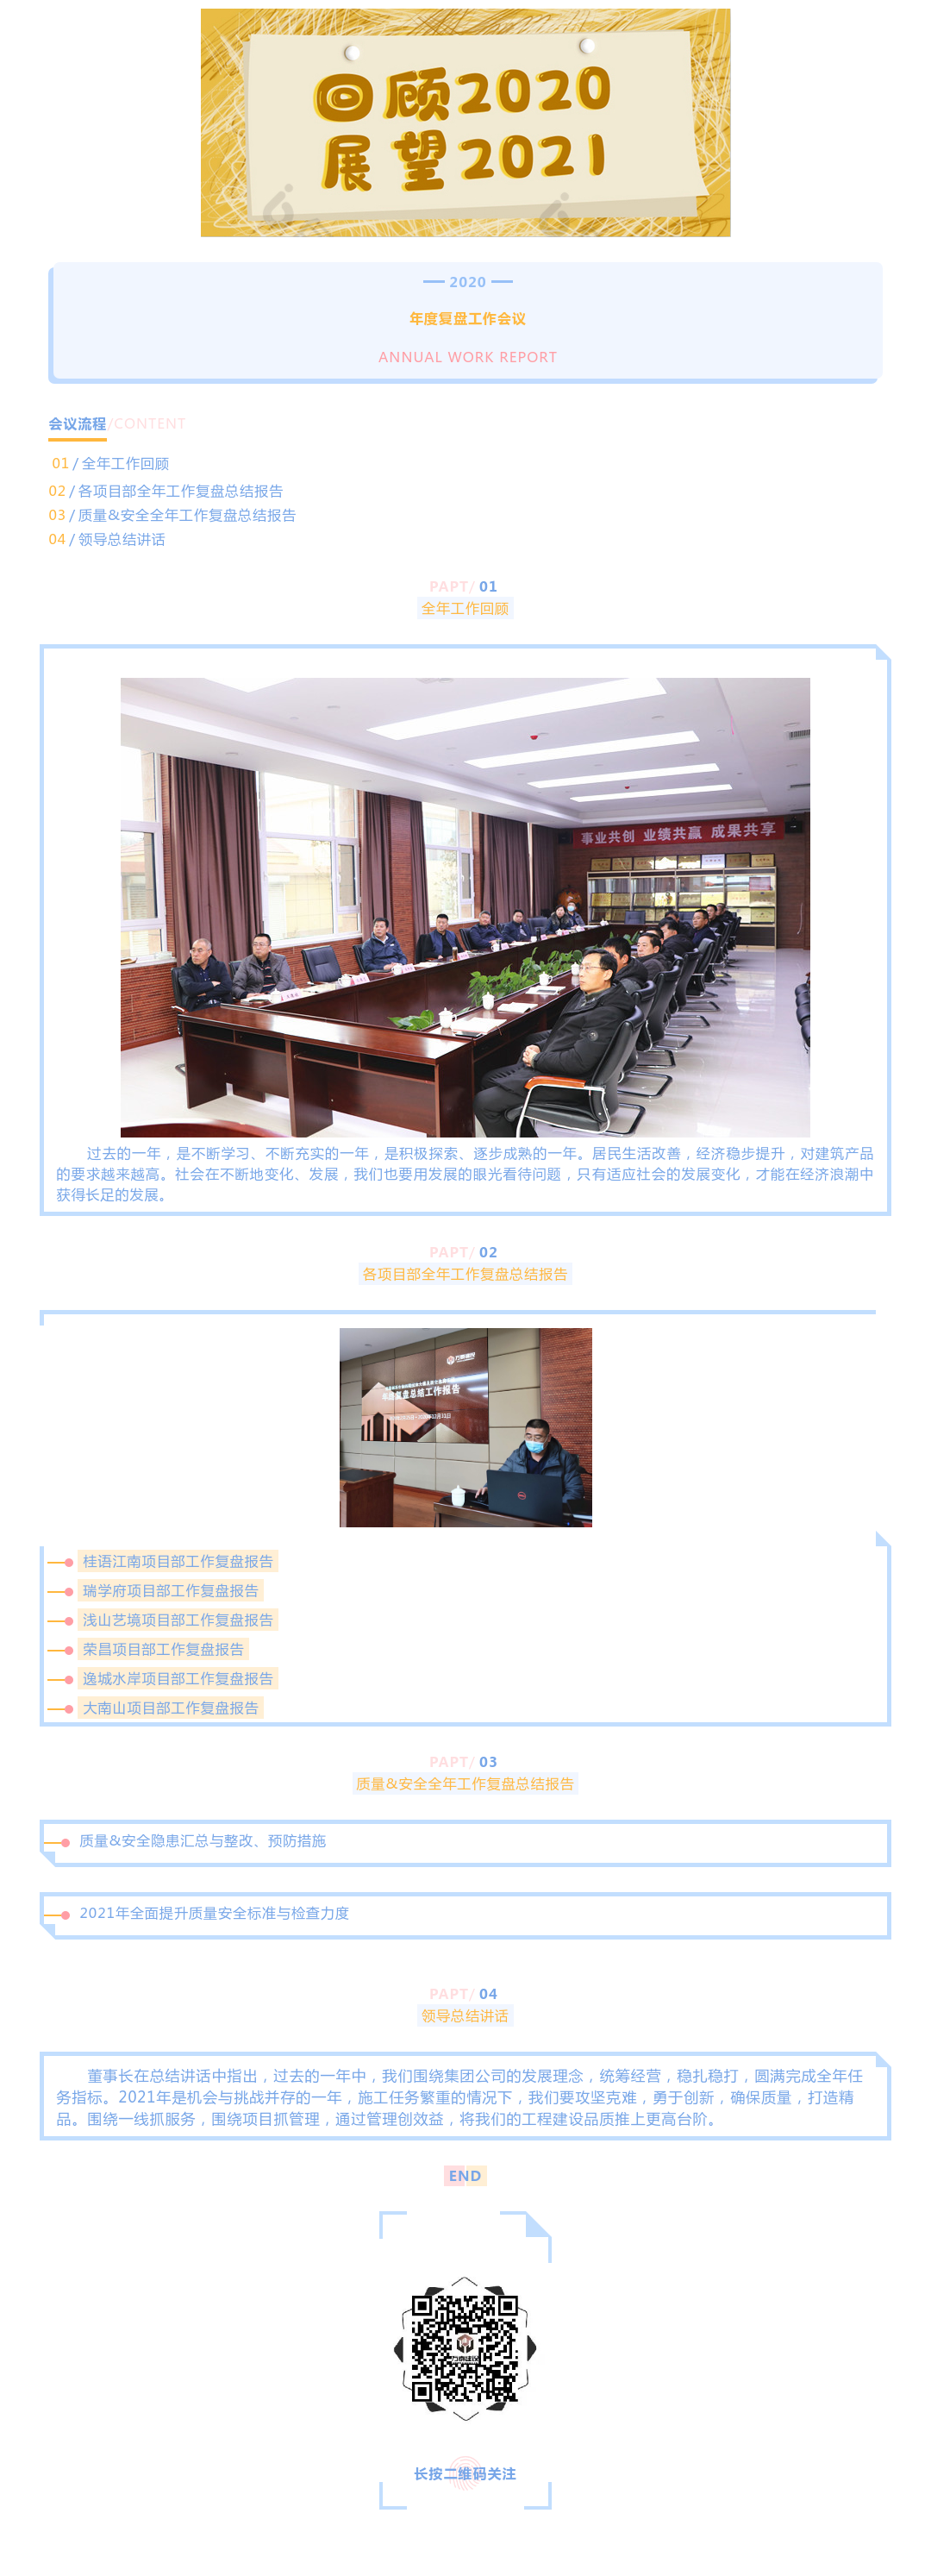 2020年度工作複盤報告會議